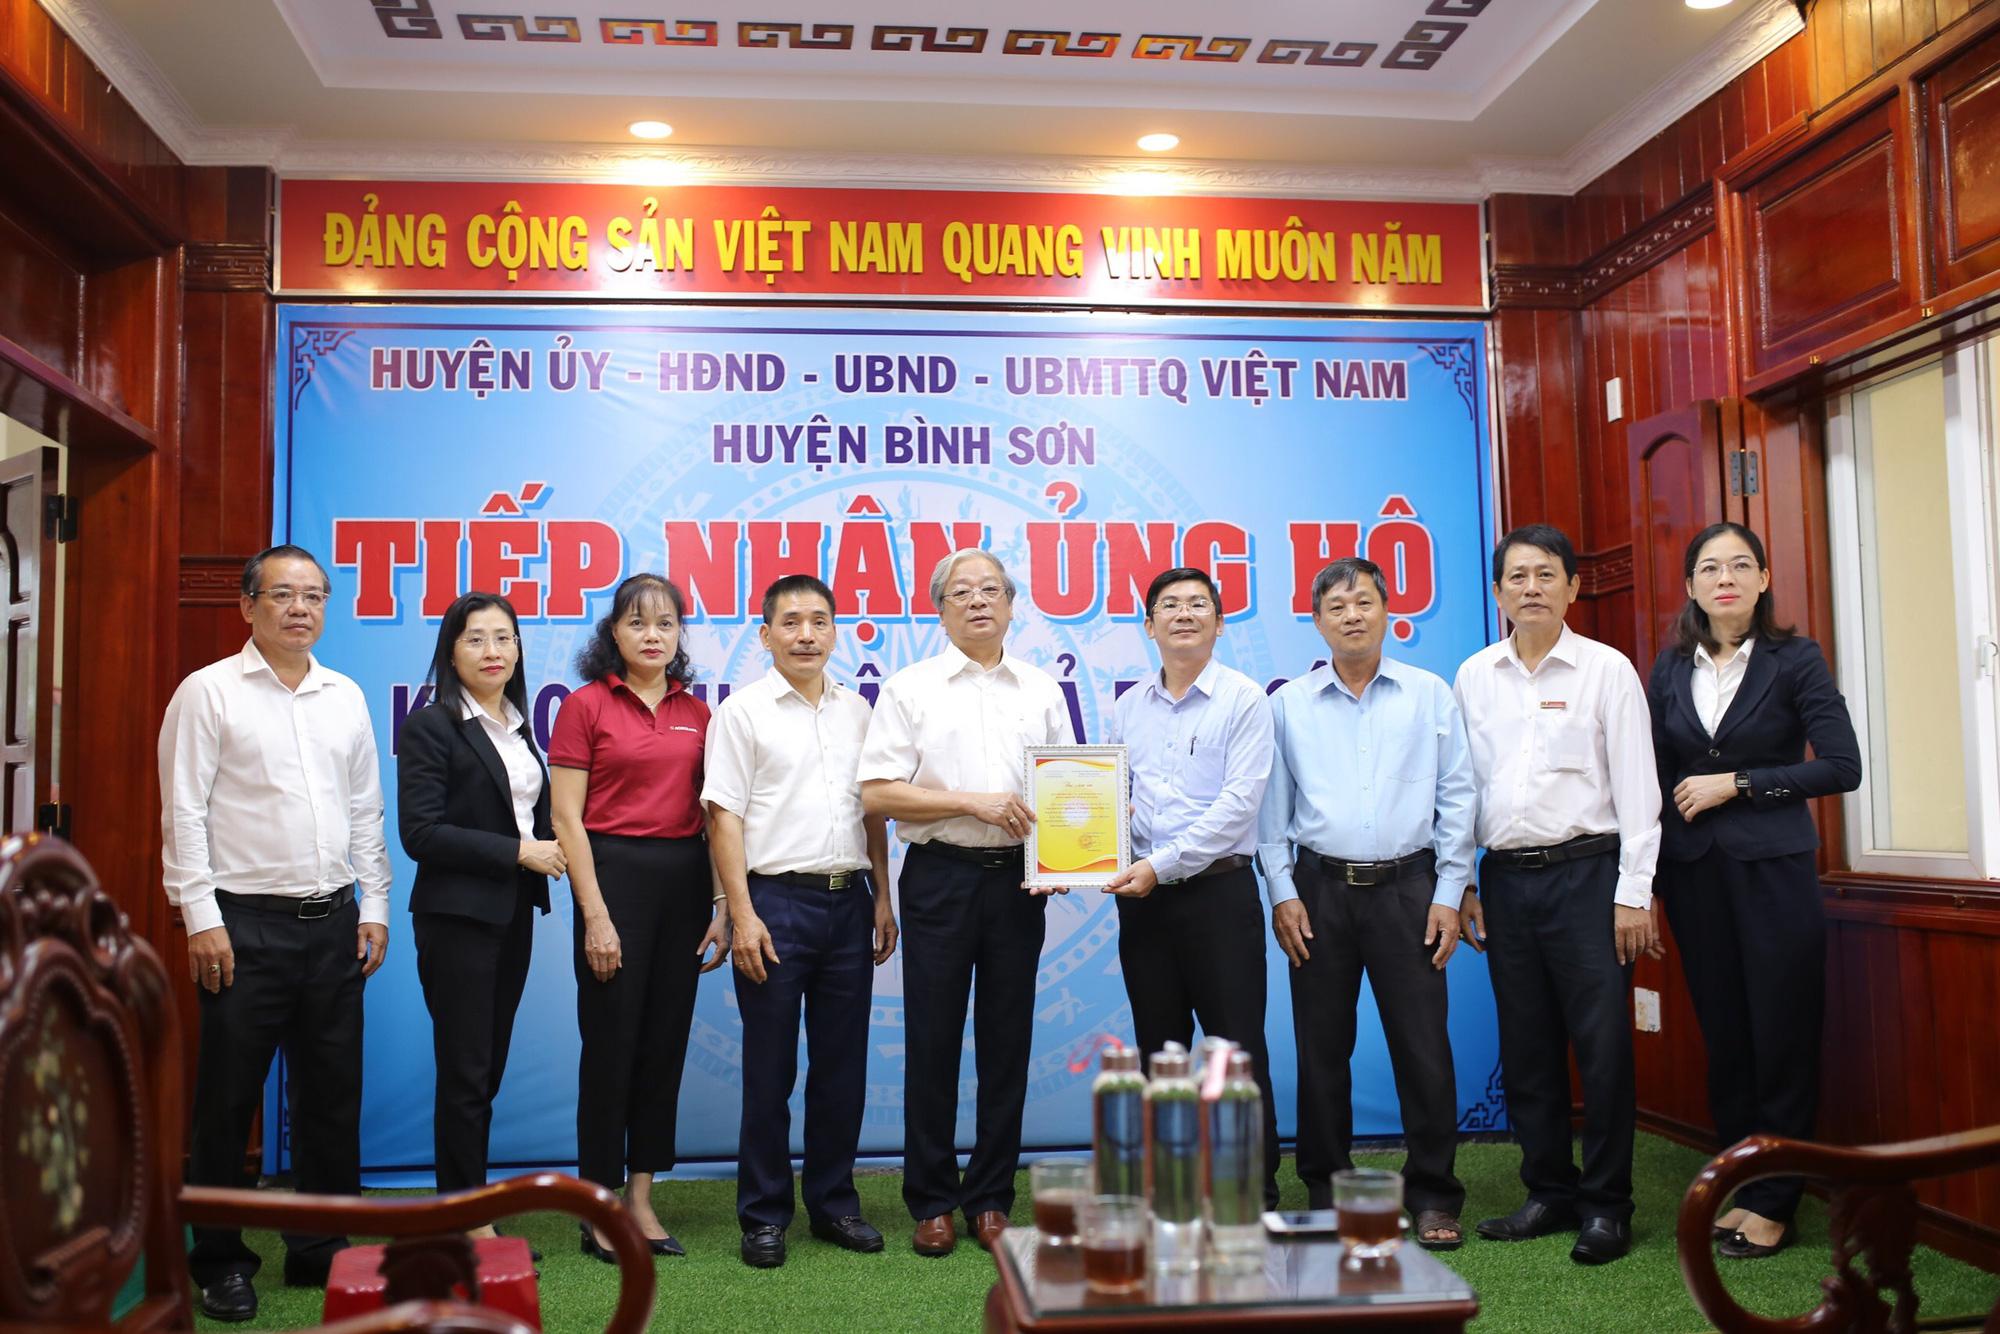 Agribank tiếp tục ủng hộ 1,3 tỷ đồng cho người dân Quảng Ngãi khắc phục hậu quả bão lũ - Ảnh 2.